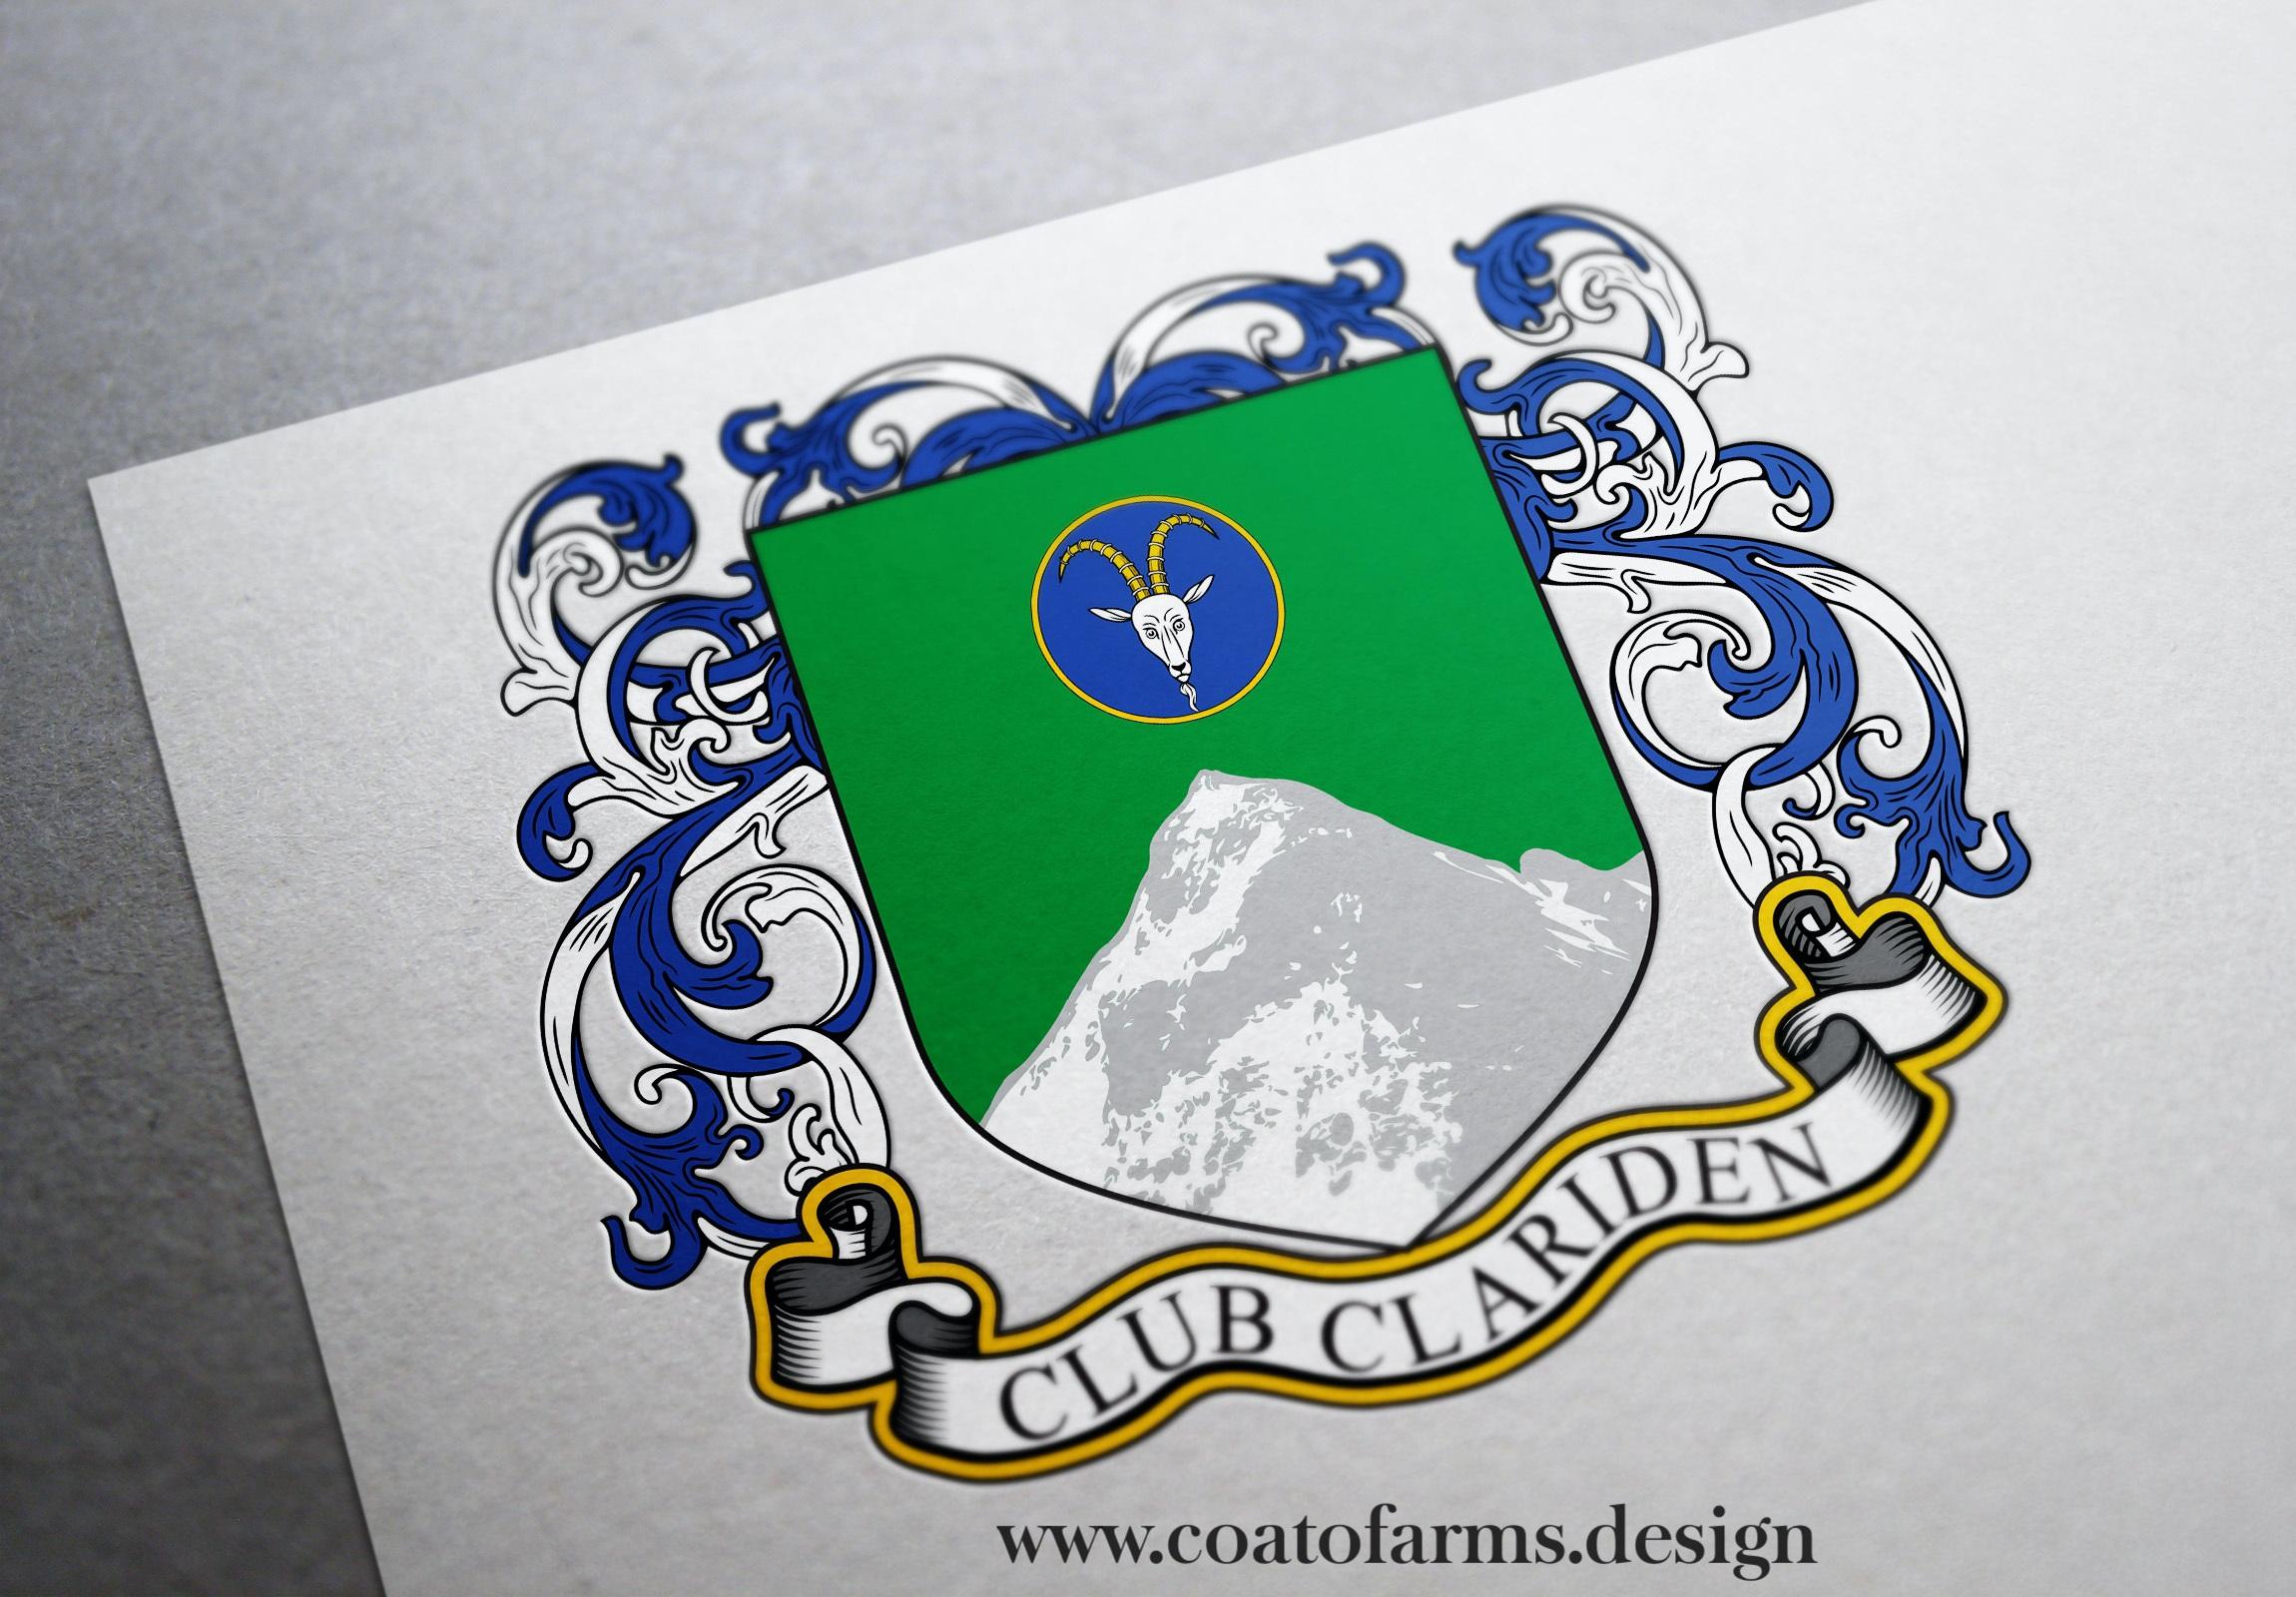 club_clariden_coat_of_arms